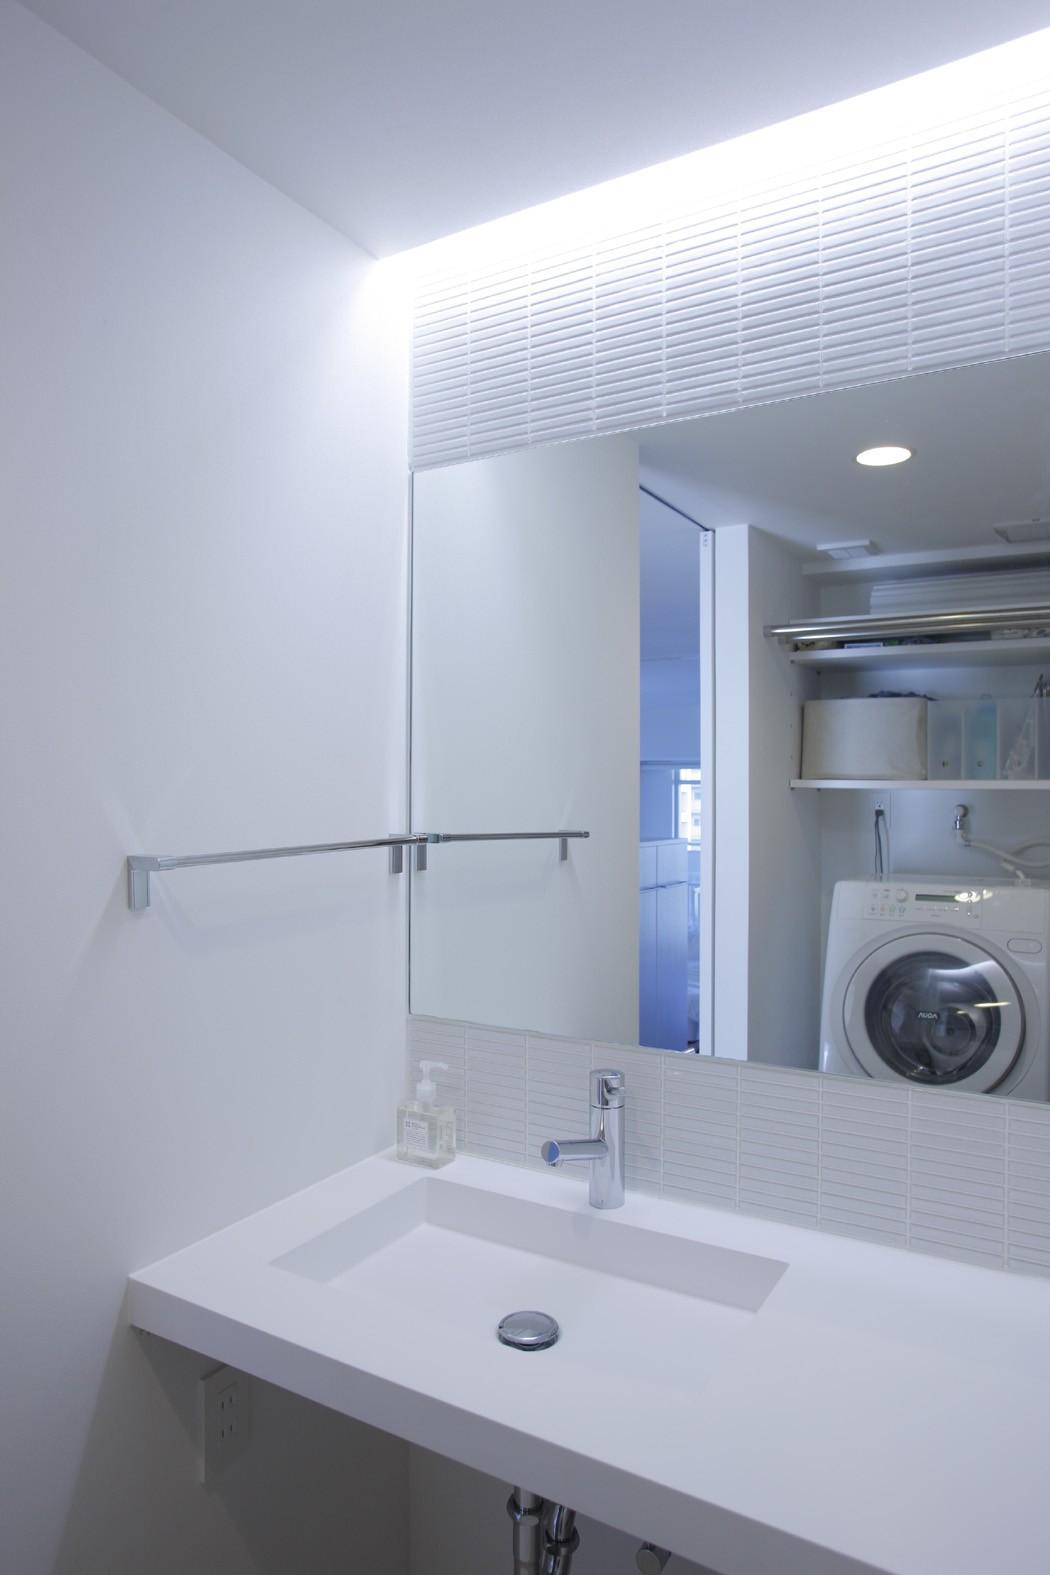 その他事例:洗面脱衣室(都島のマンションリフォーム)